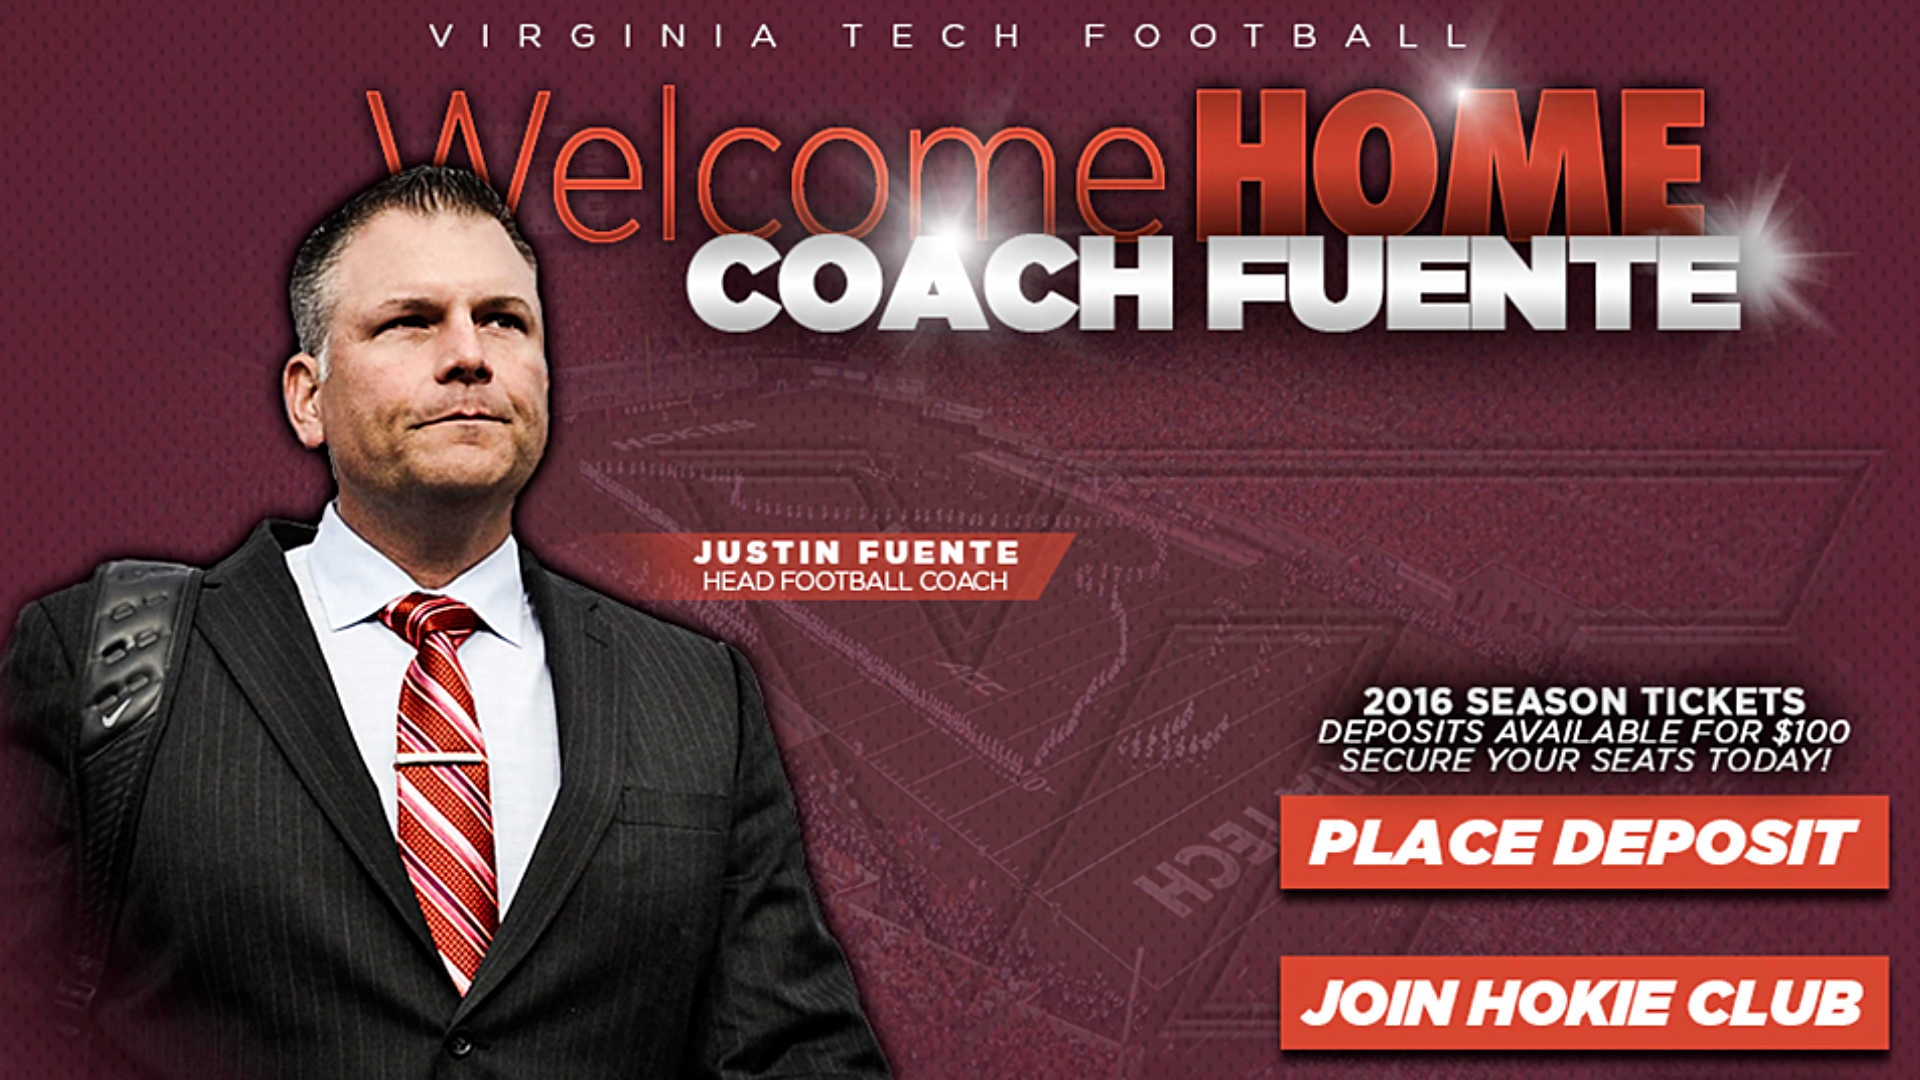 Justin Fuente confirmed as Virginia Tech coach